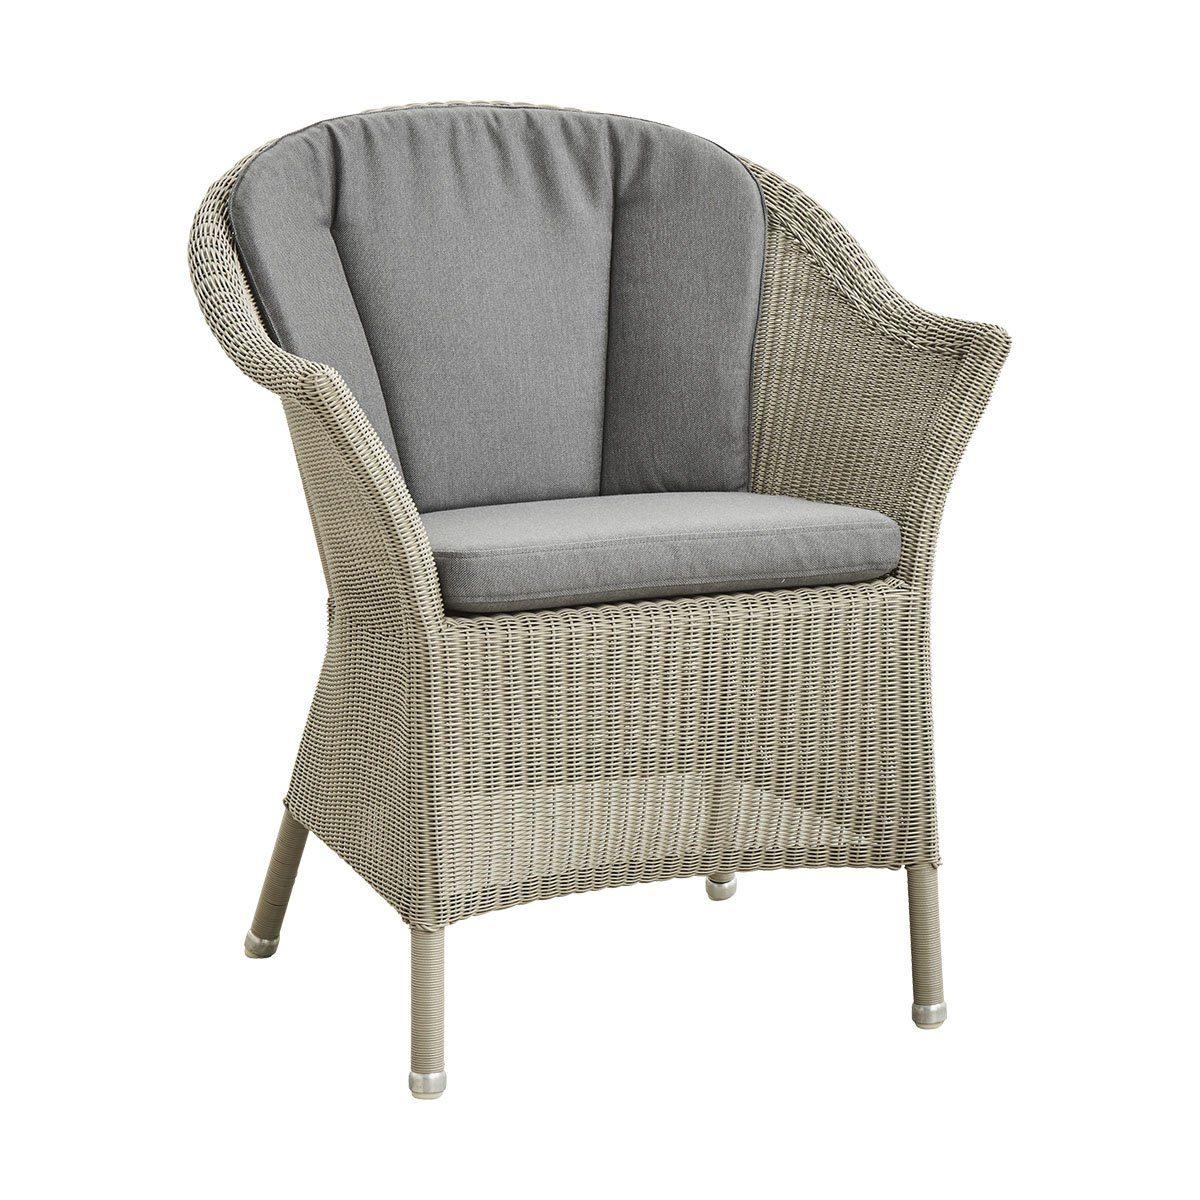 Lansing fåtölj taupe med grå rygg- och sittdyna.